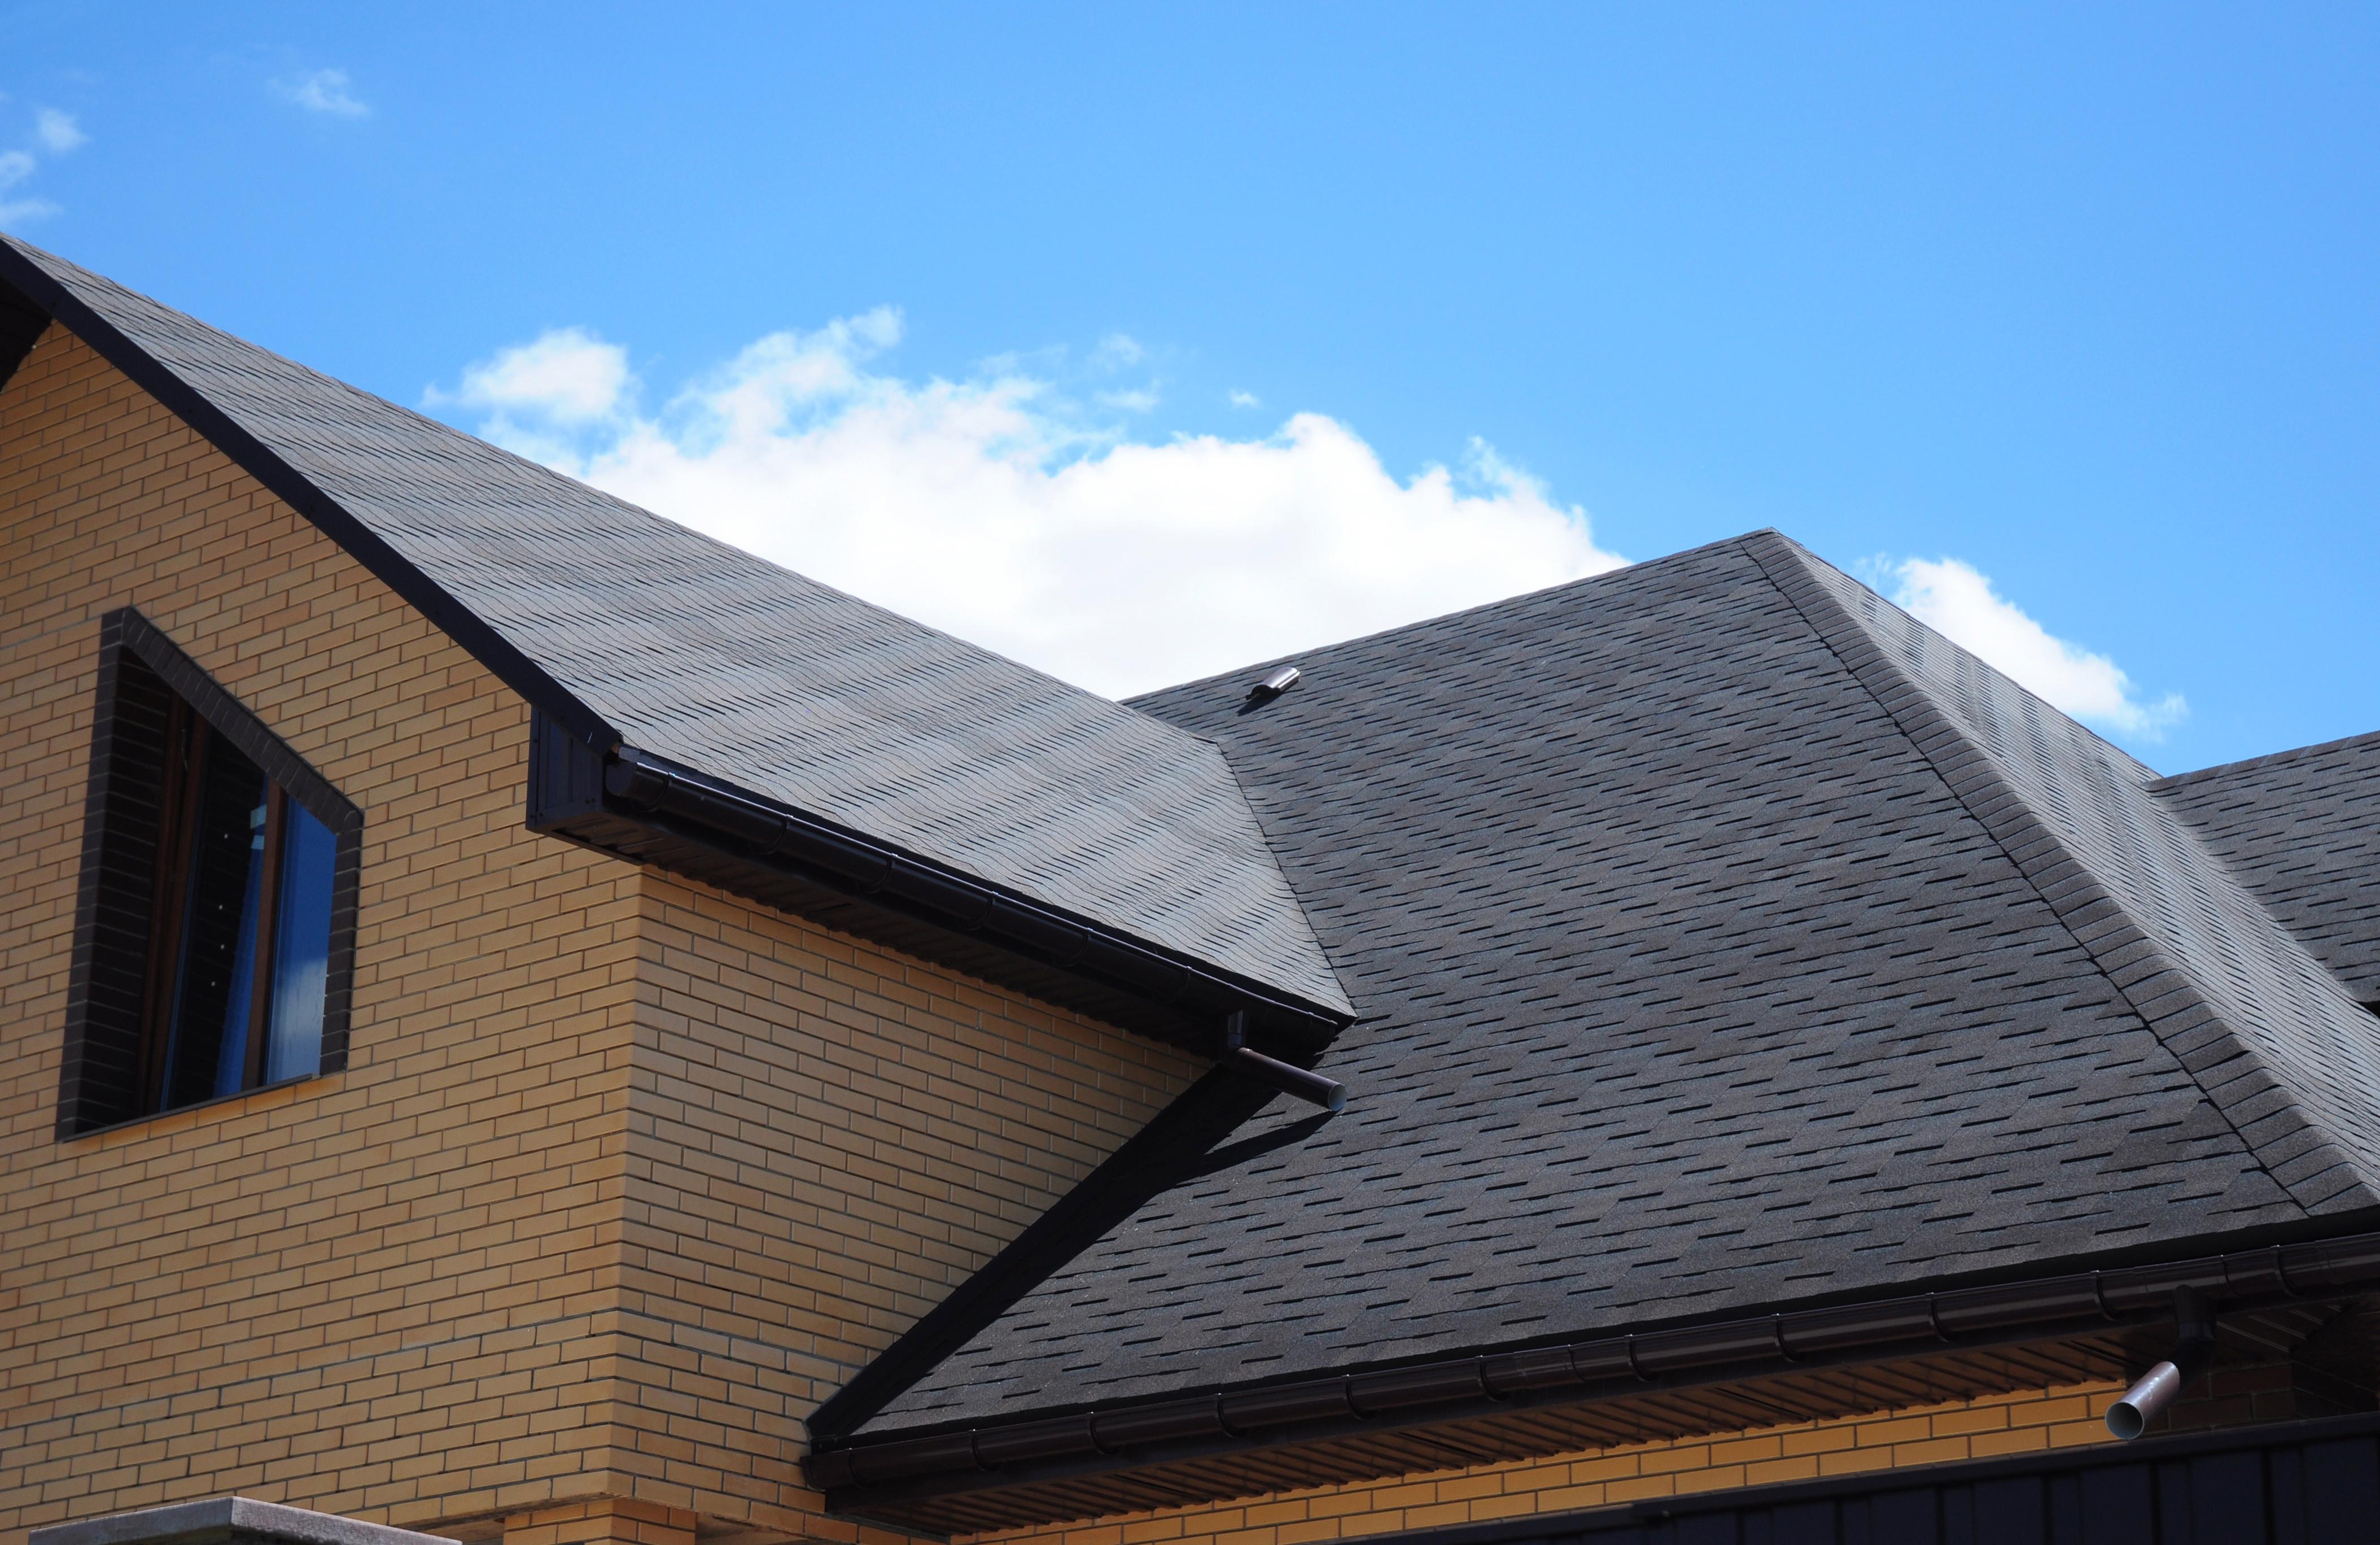 住まいを屋根から考える【見た目が劇的に変わる屋根の形】の画像